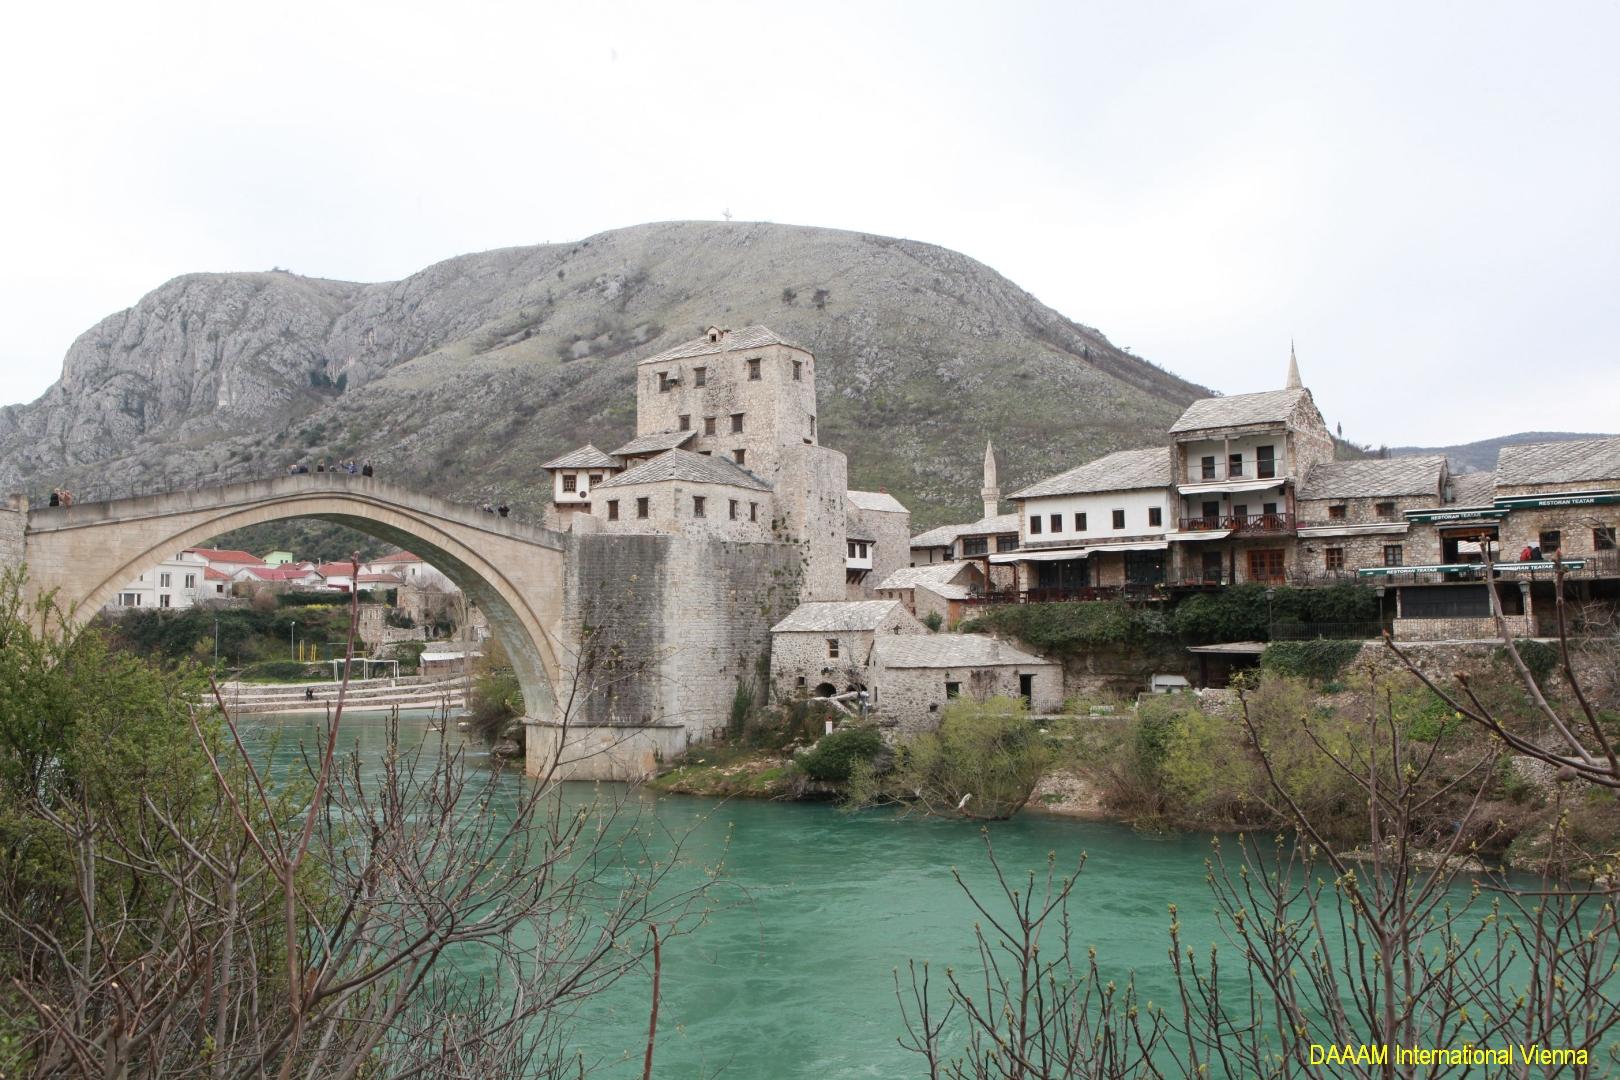 DAAAM_2016_Mostar_01_Magic_City_of_Mostar_093